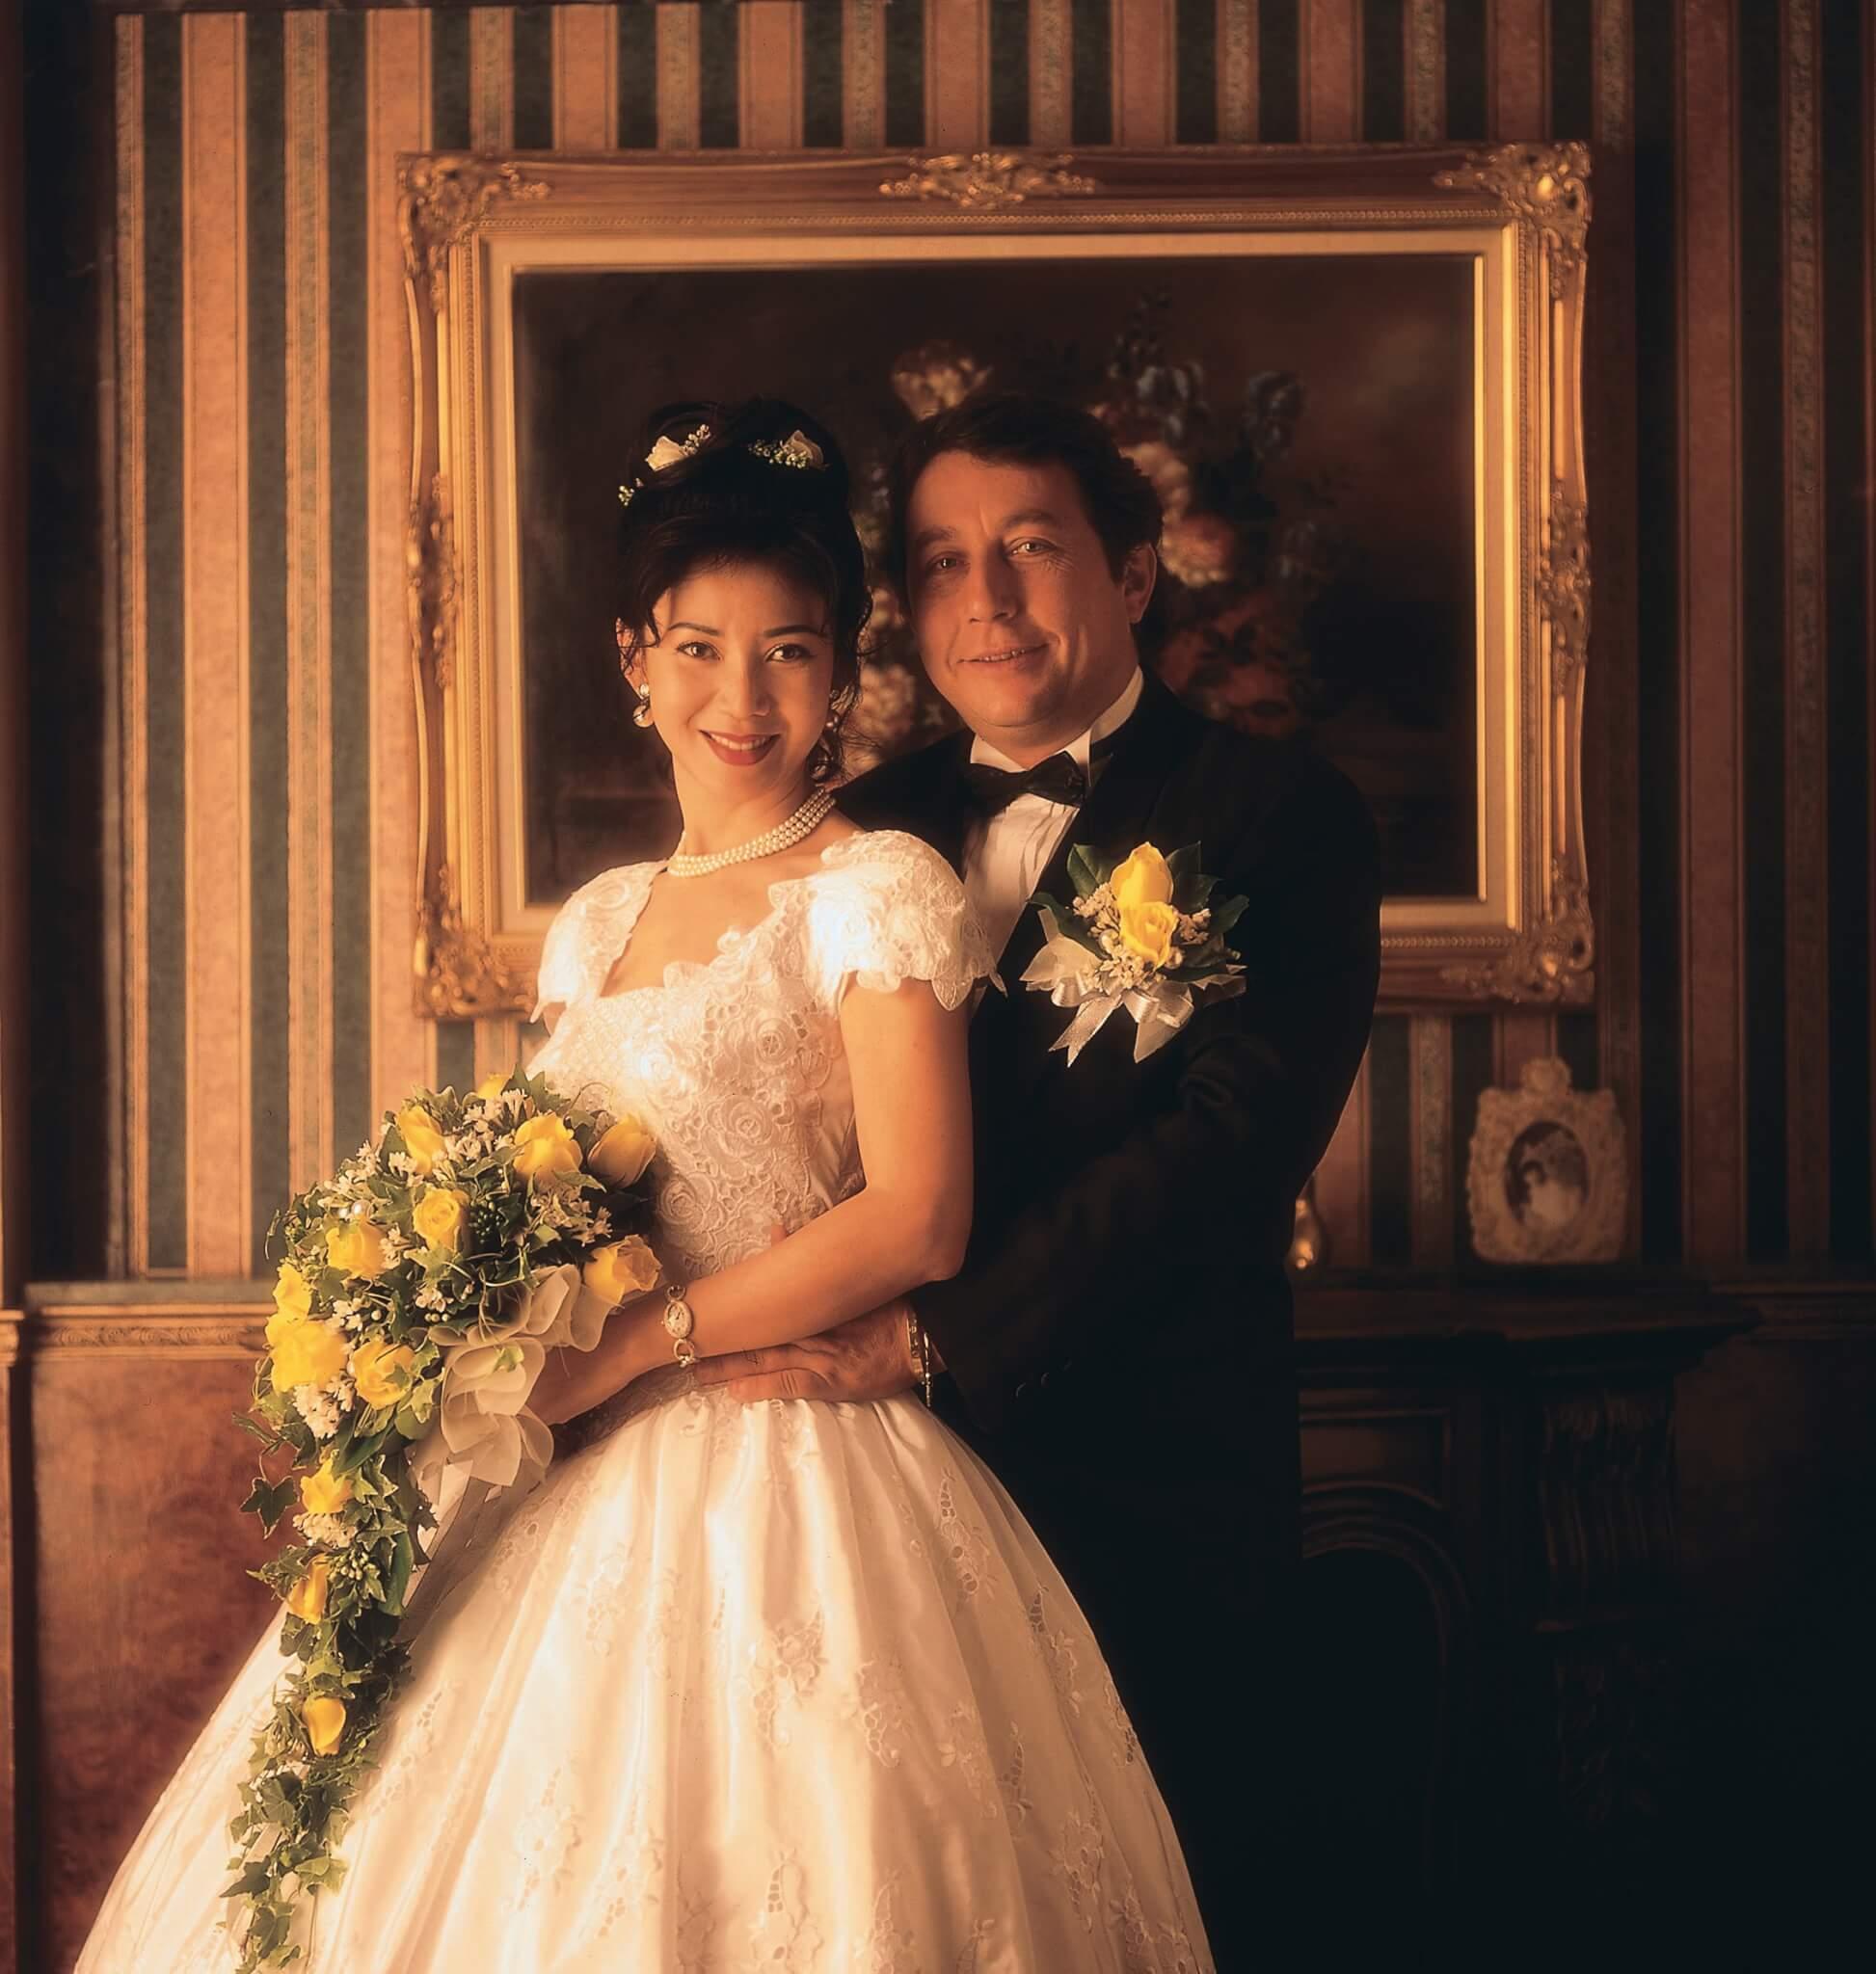 孫泳恩於1994年2月與賓康結婚,左手戴老公精挑的五卡五鑽戒,右手戴金鐲。